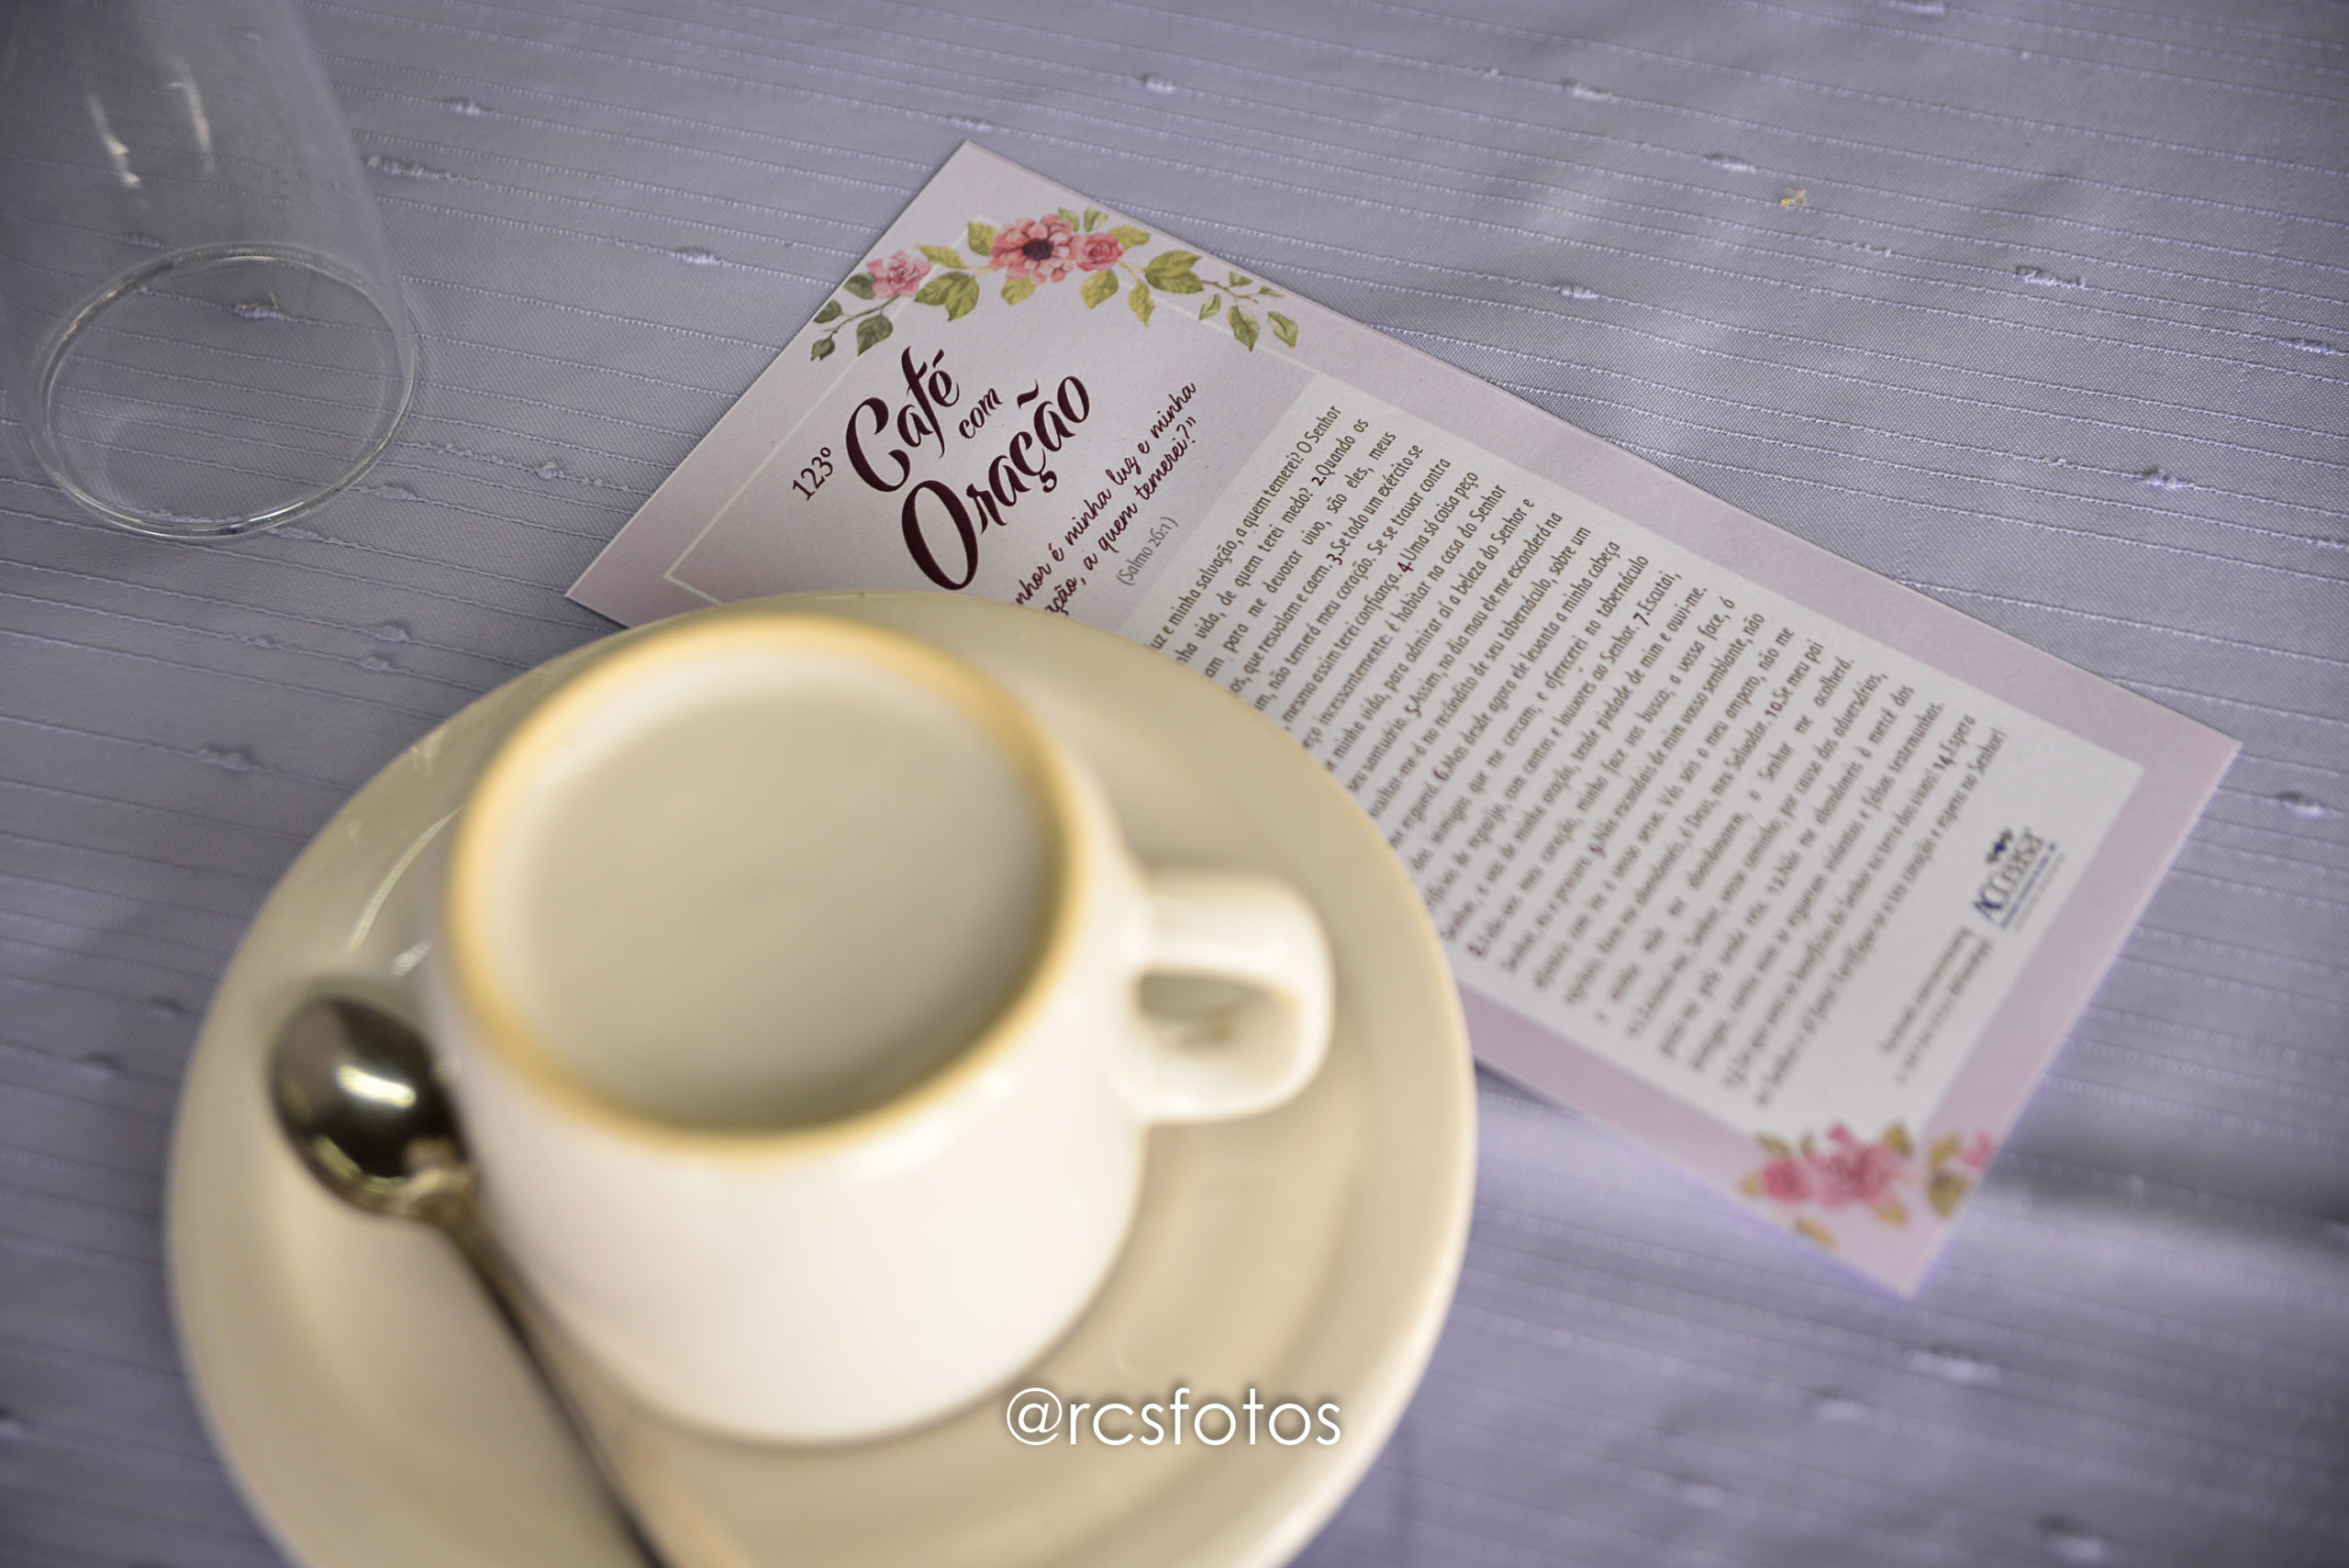 123ª edição do Café com Oração é marcada por agradecimentos e homenagens